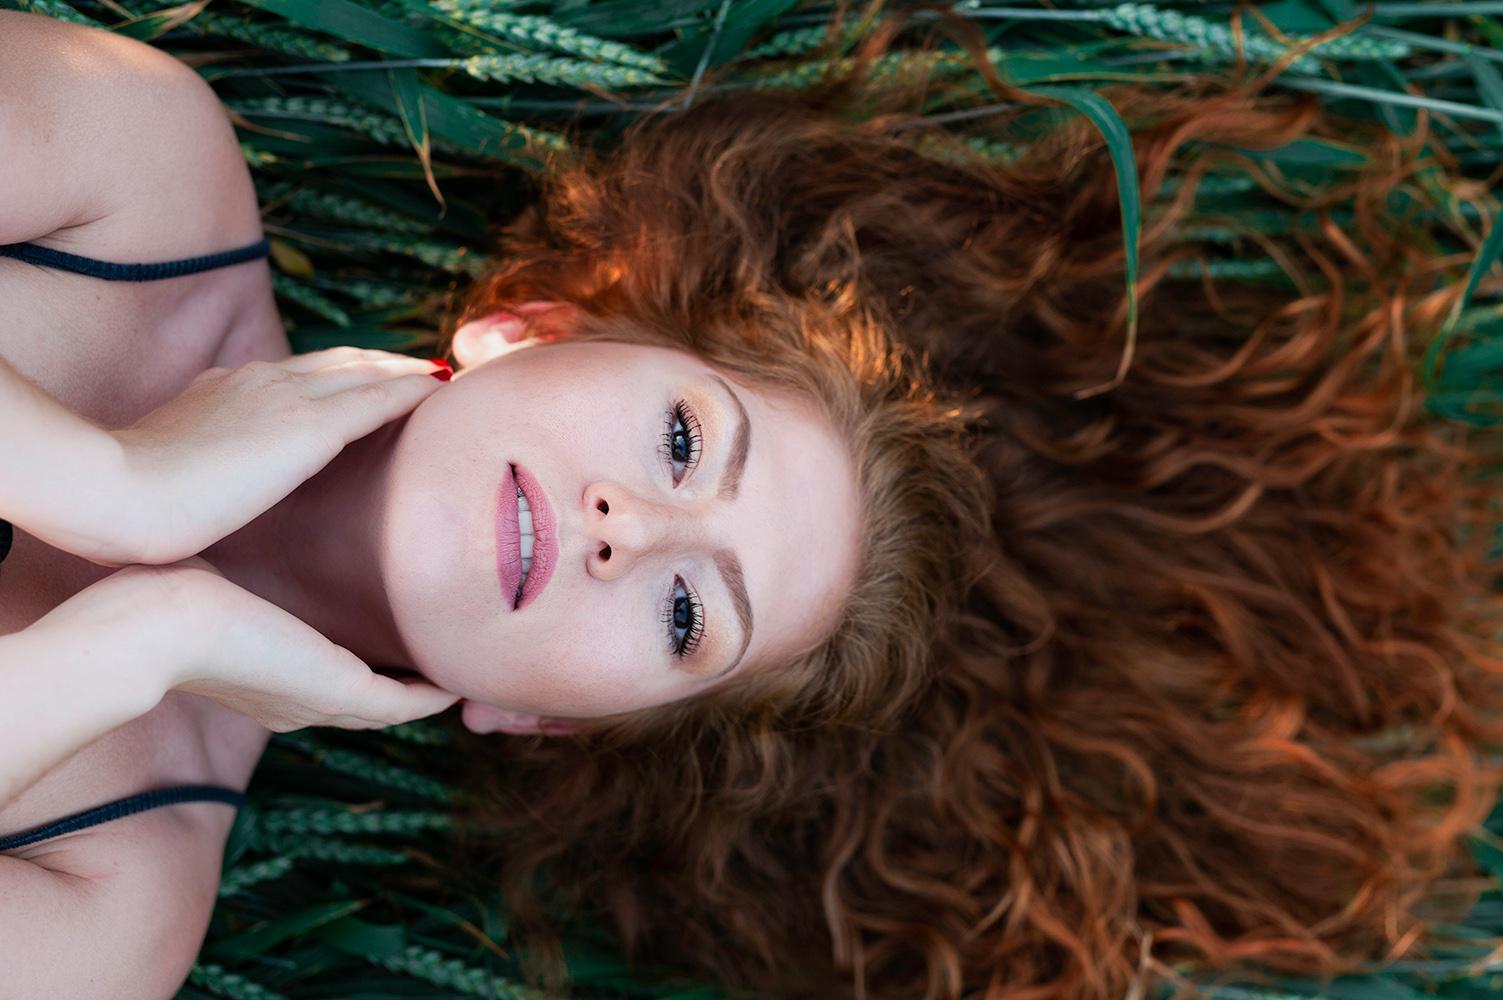 une femme rousse se tiens le visage allongee dans un champs de ble